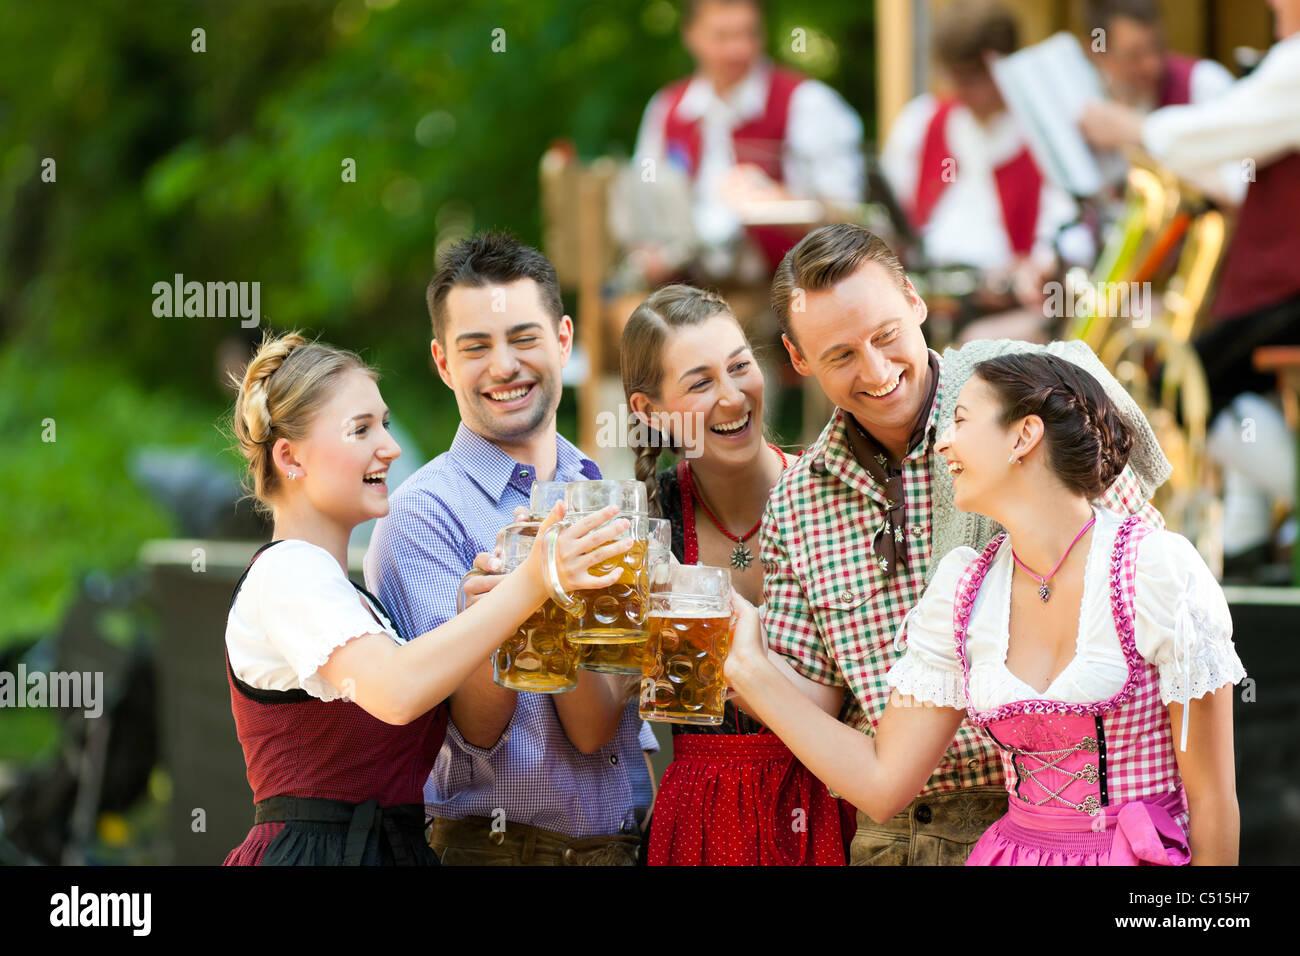 Dans le jardin de la bière en Bavière, Allemagne - Amis de Tracht, Dirndl et Lederhosen et Dirndl debout devant des band Banque D'Images